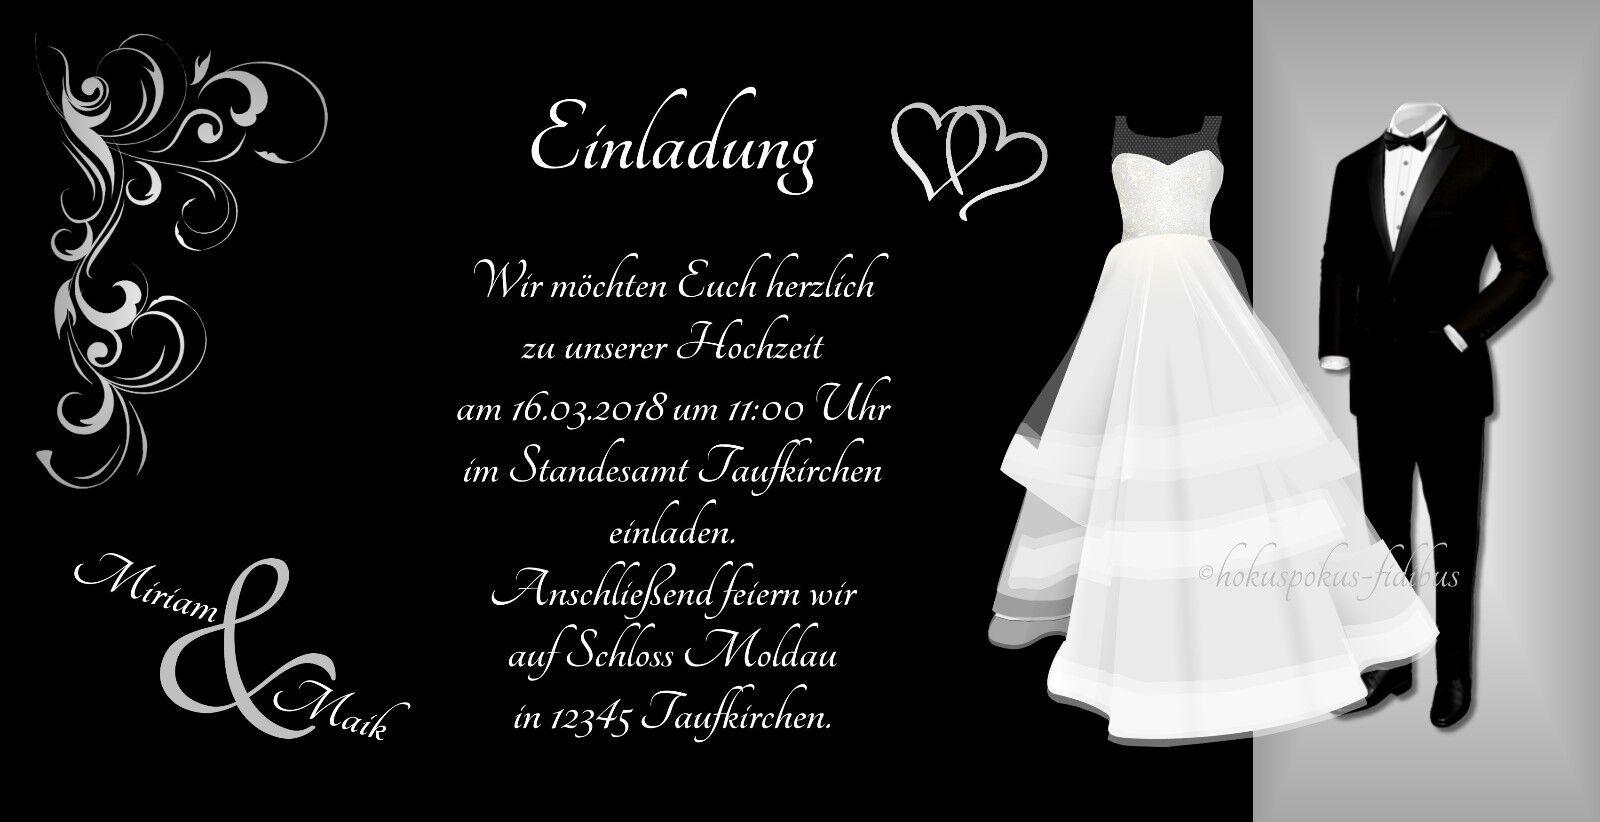 100 Einladungskarten Hochzeit Hochzeit Hochzeit Einladungen schwarz weiß 21 x 10,5 Hochzeitskarten | 2019  | Angemessene Lieferung und pünktliche Lieferung  | Sale Outlet  be2772